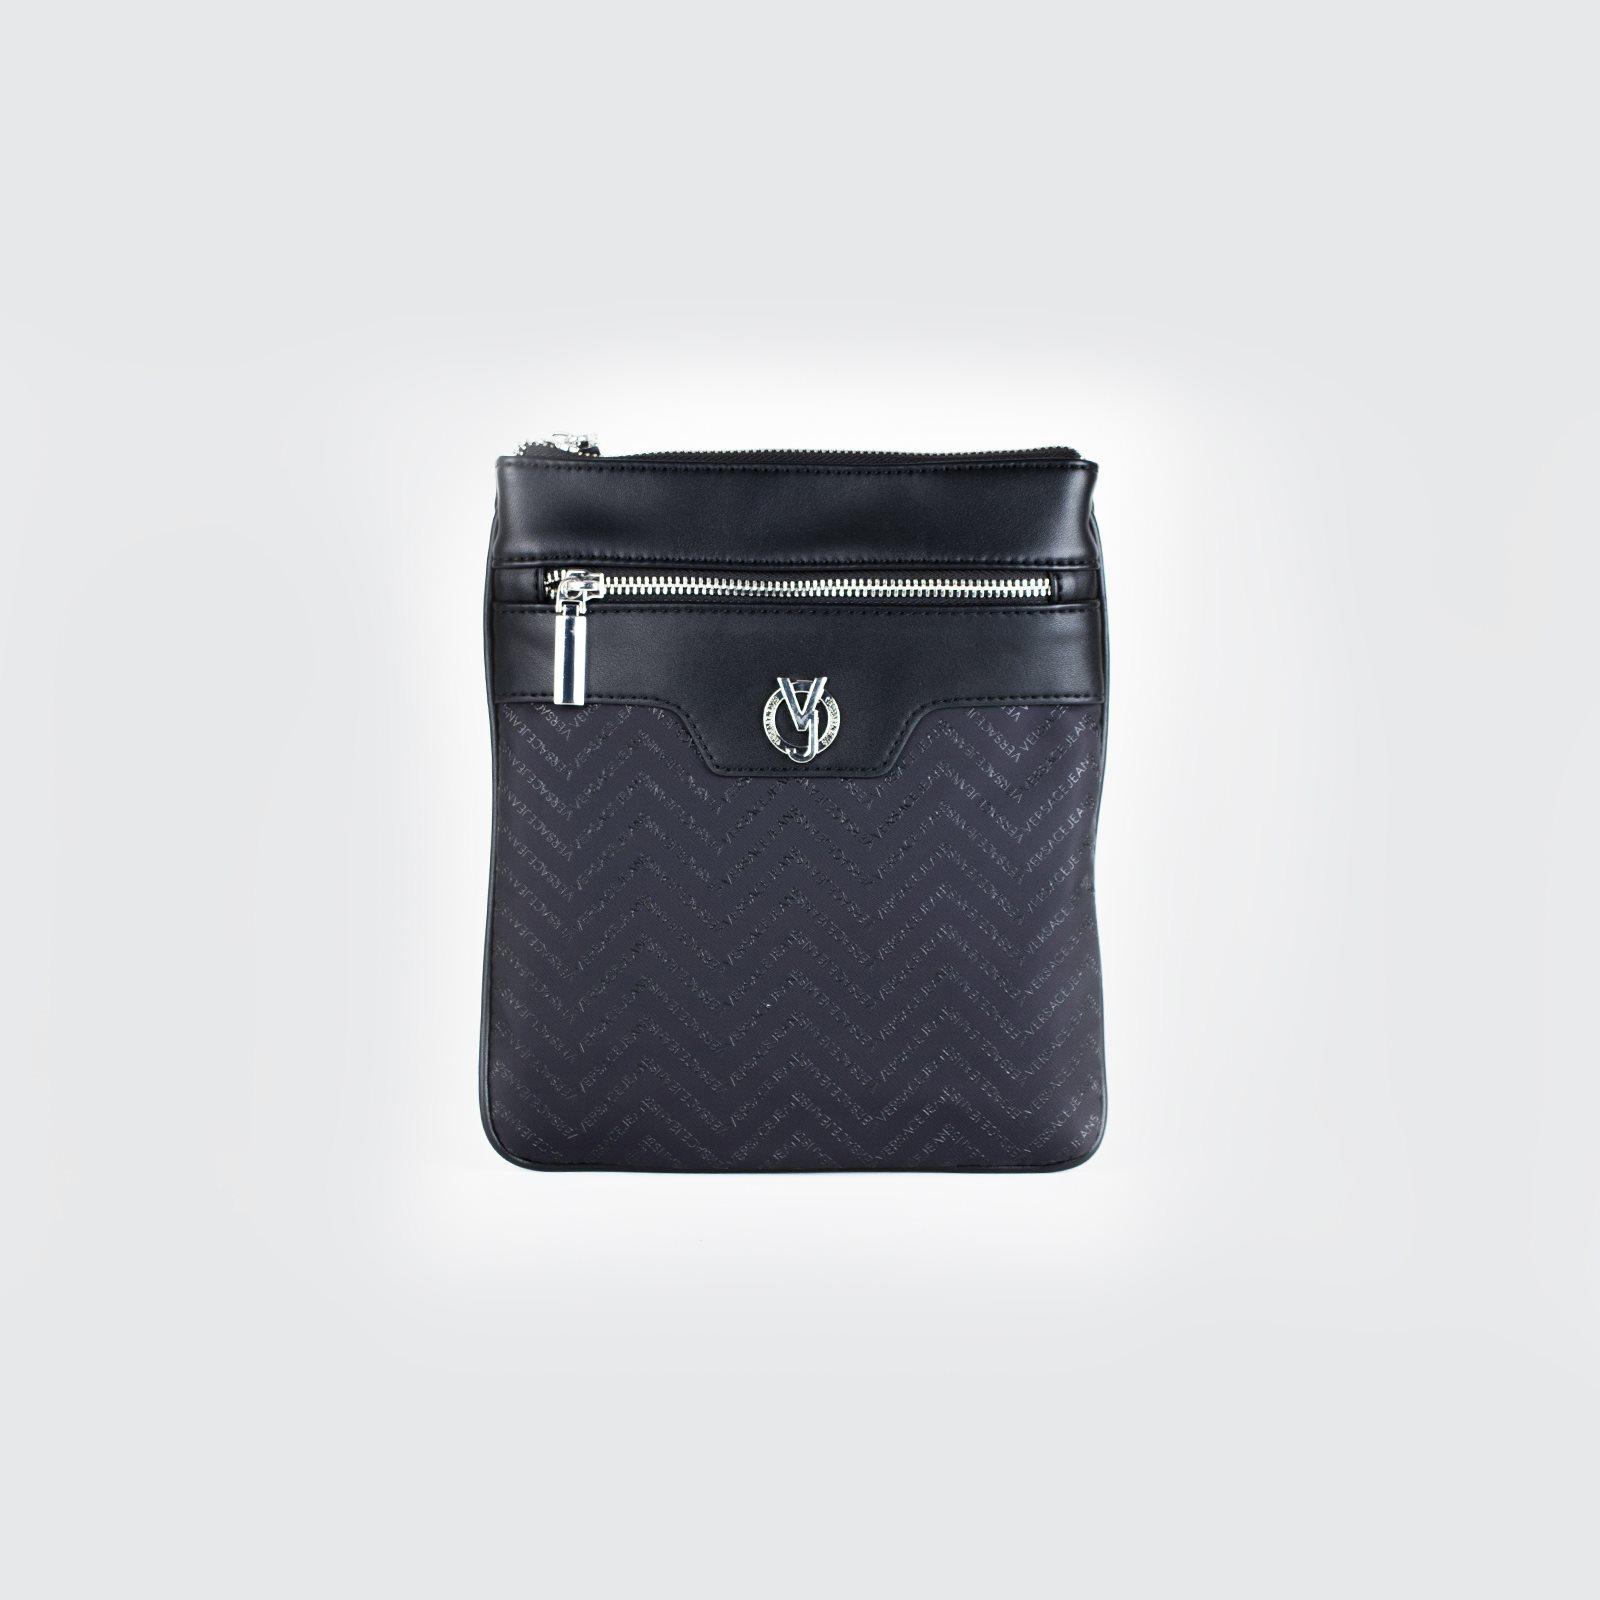 040c07e41af Versace Jeans Bag